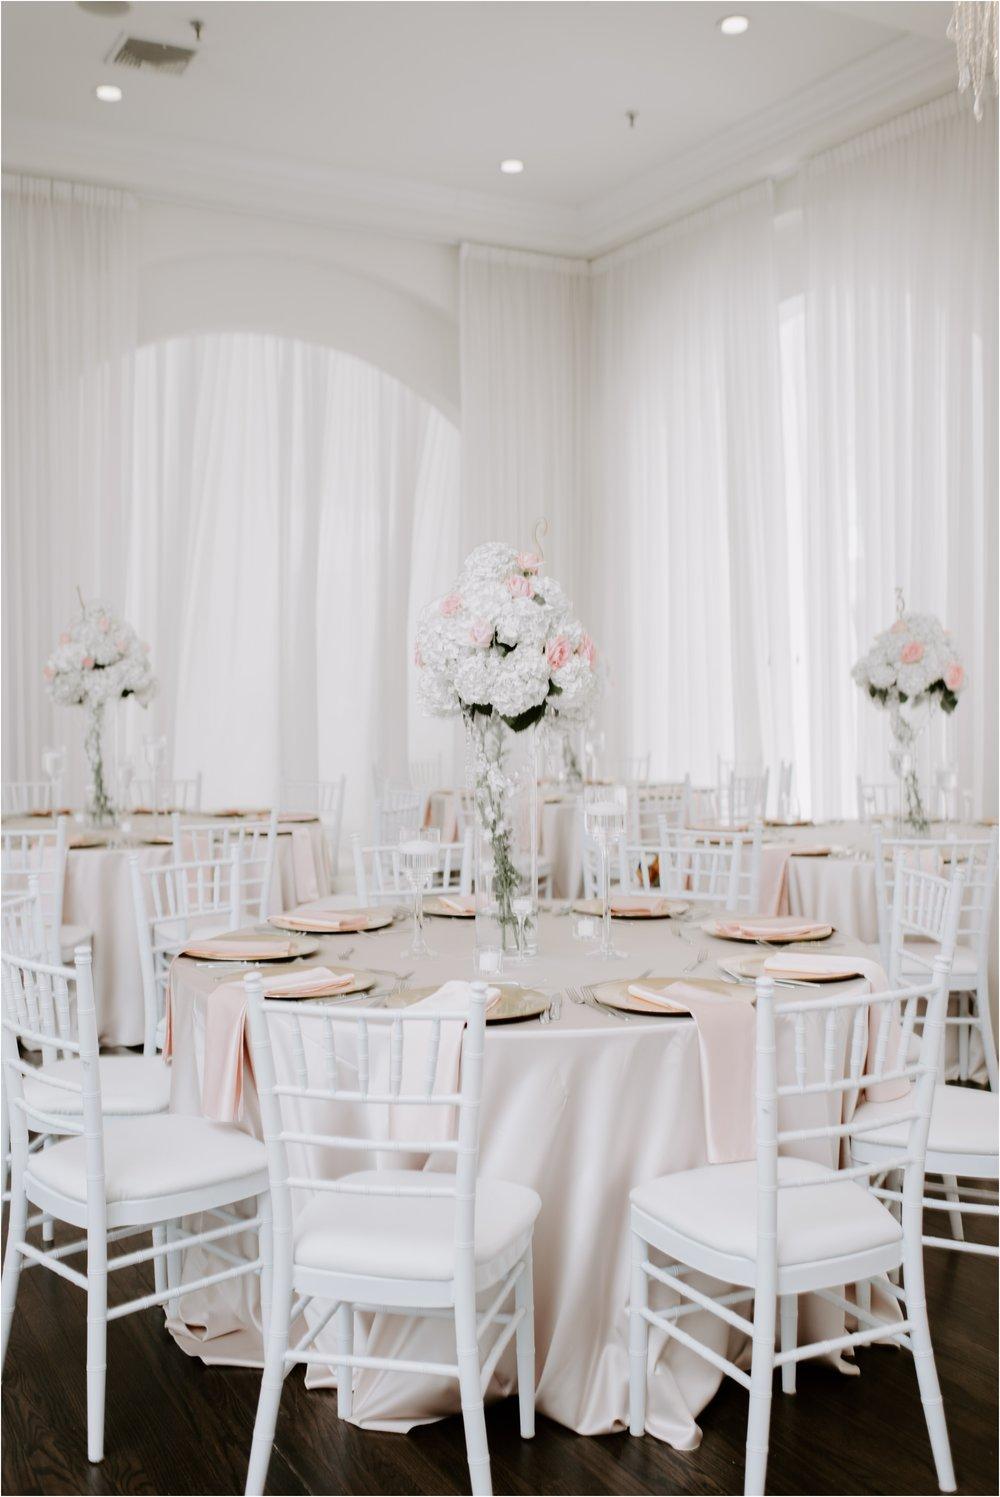 JANELLEANDJULIAN-wedding-madelinerosephotographyco_0028.jpg